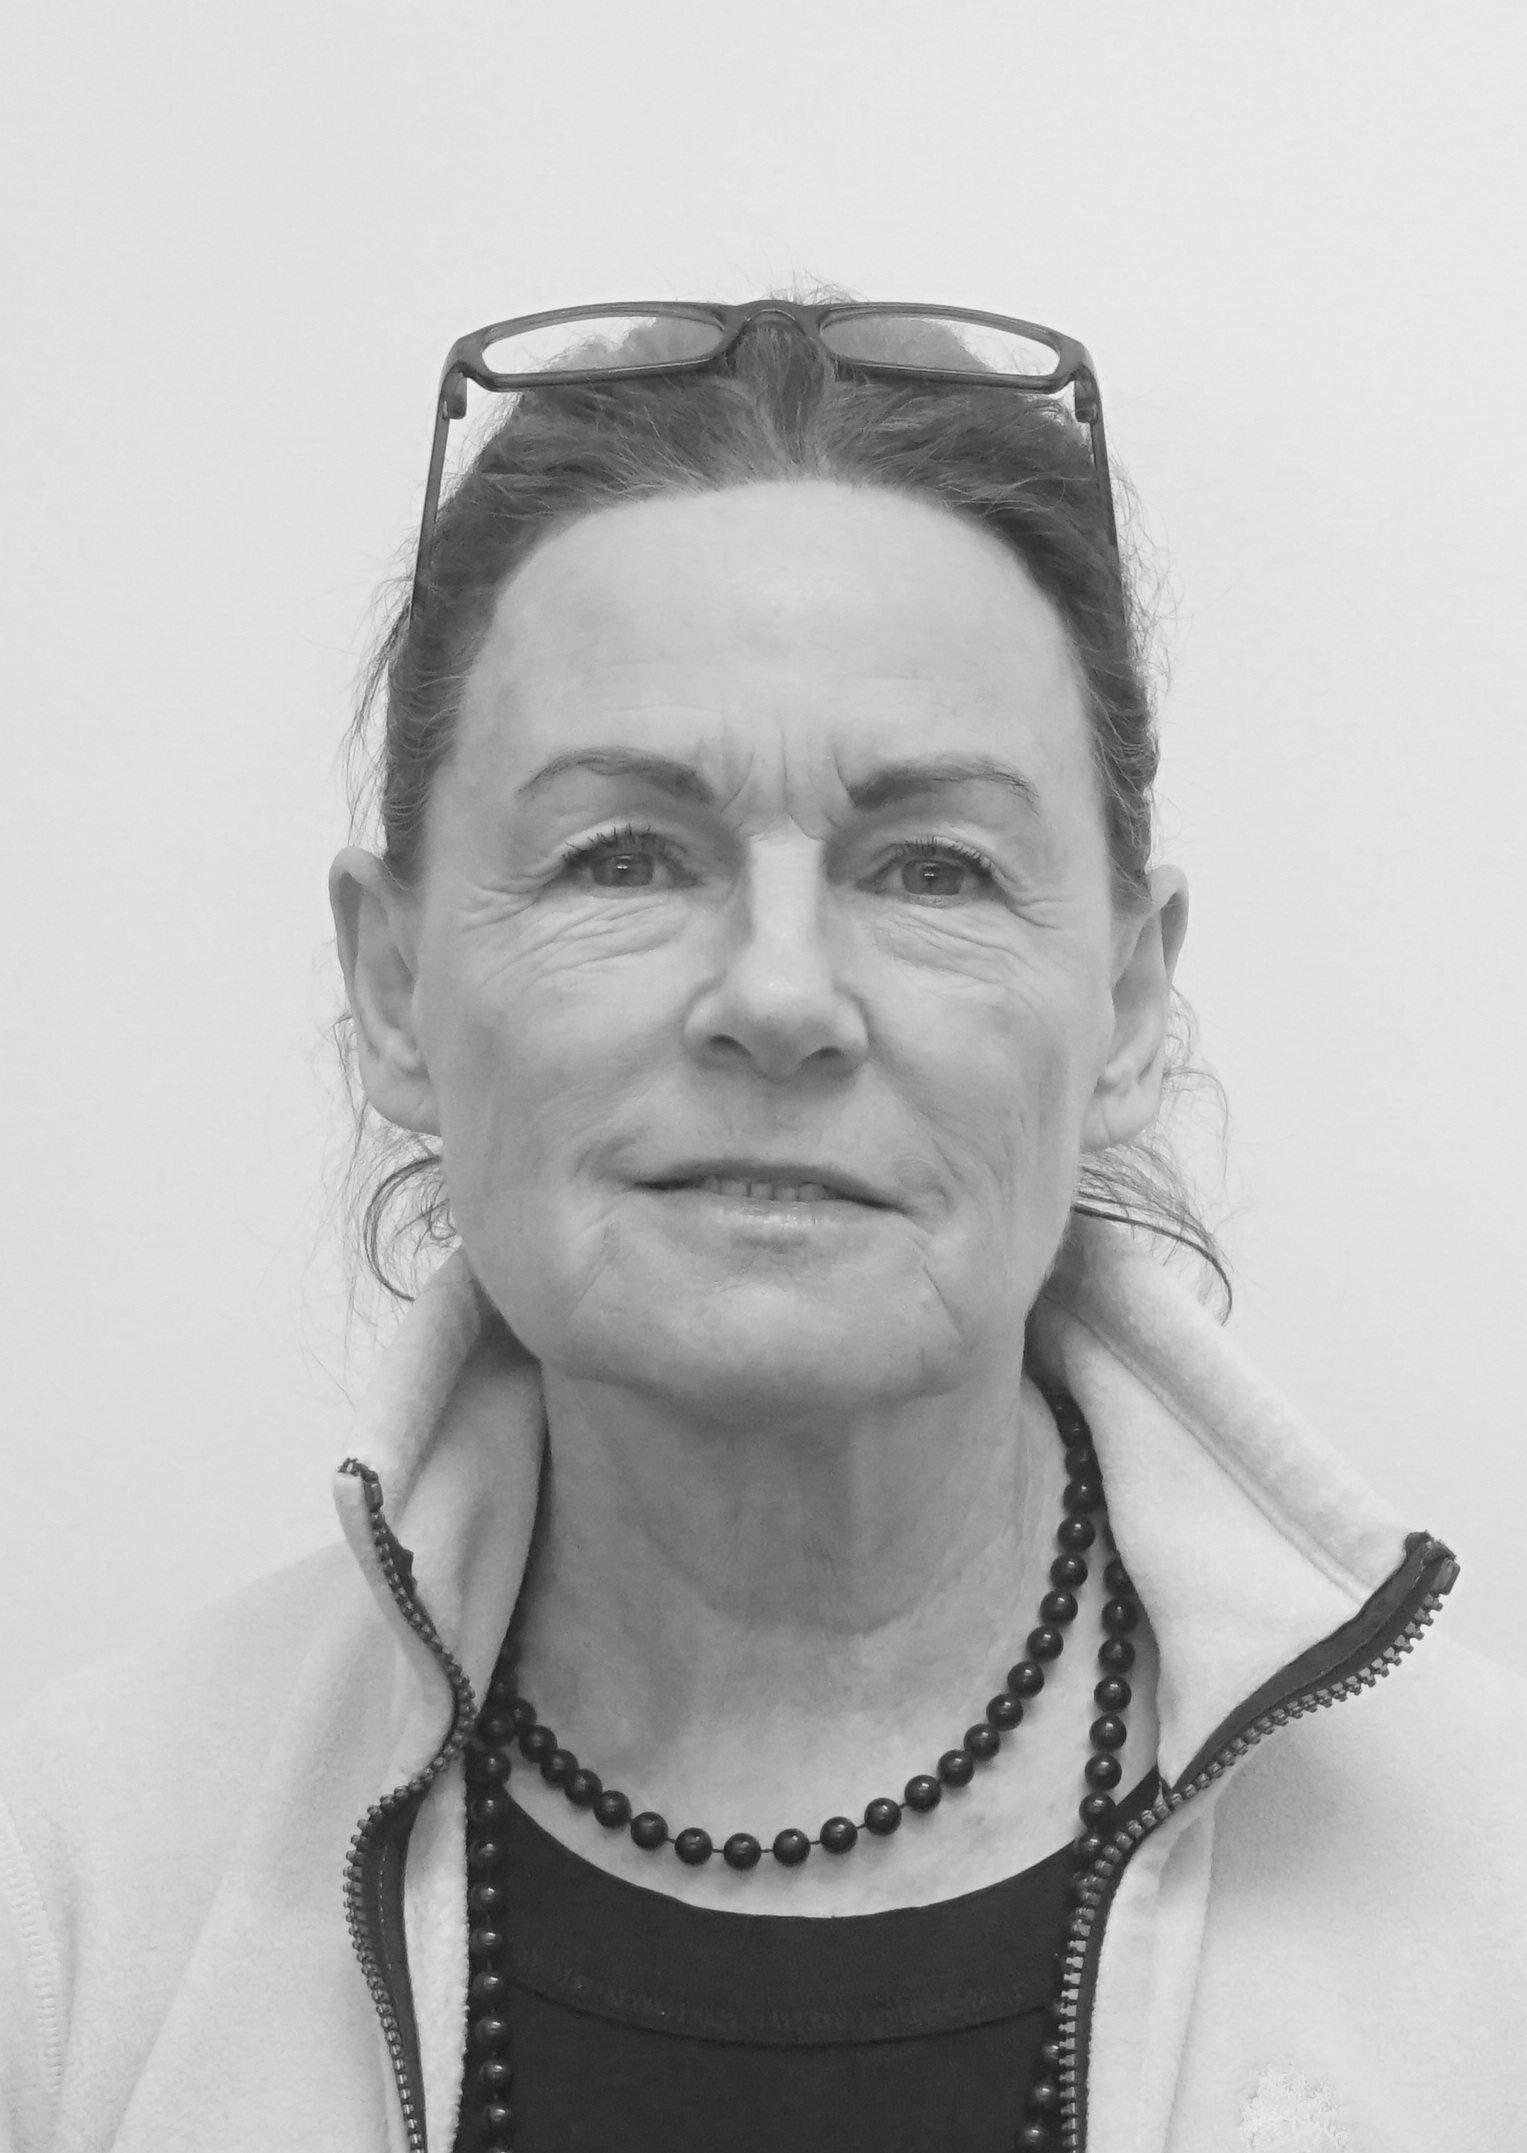 Guðrún Hrólfsdóttir